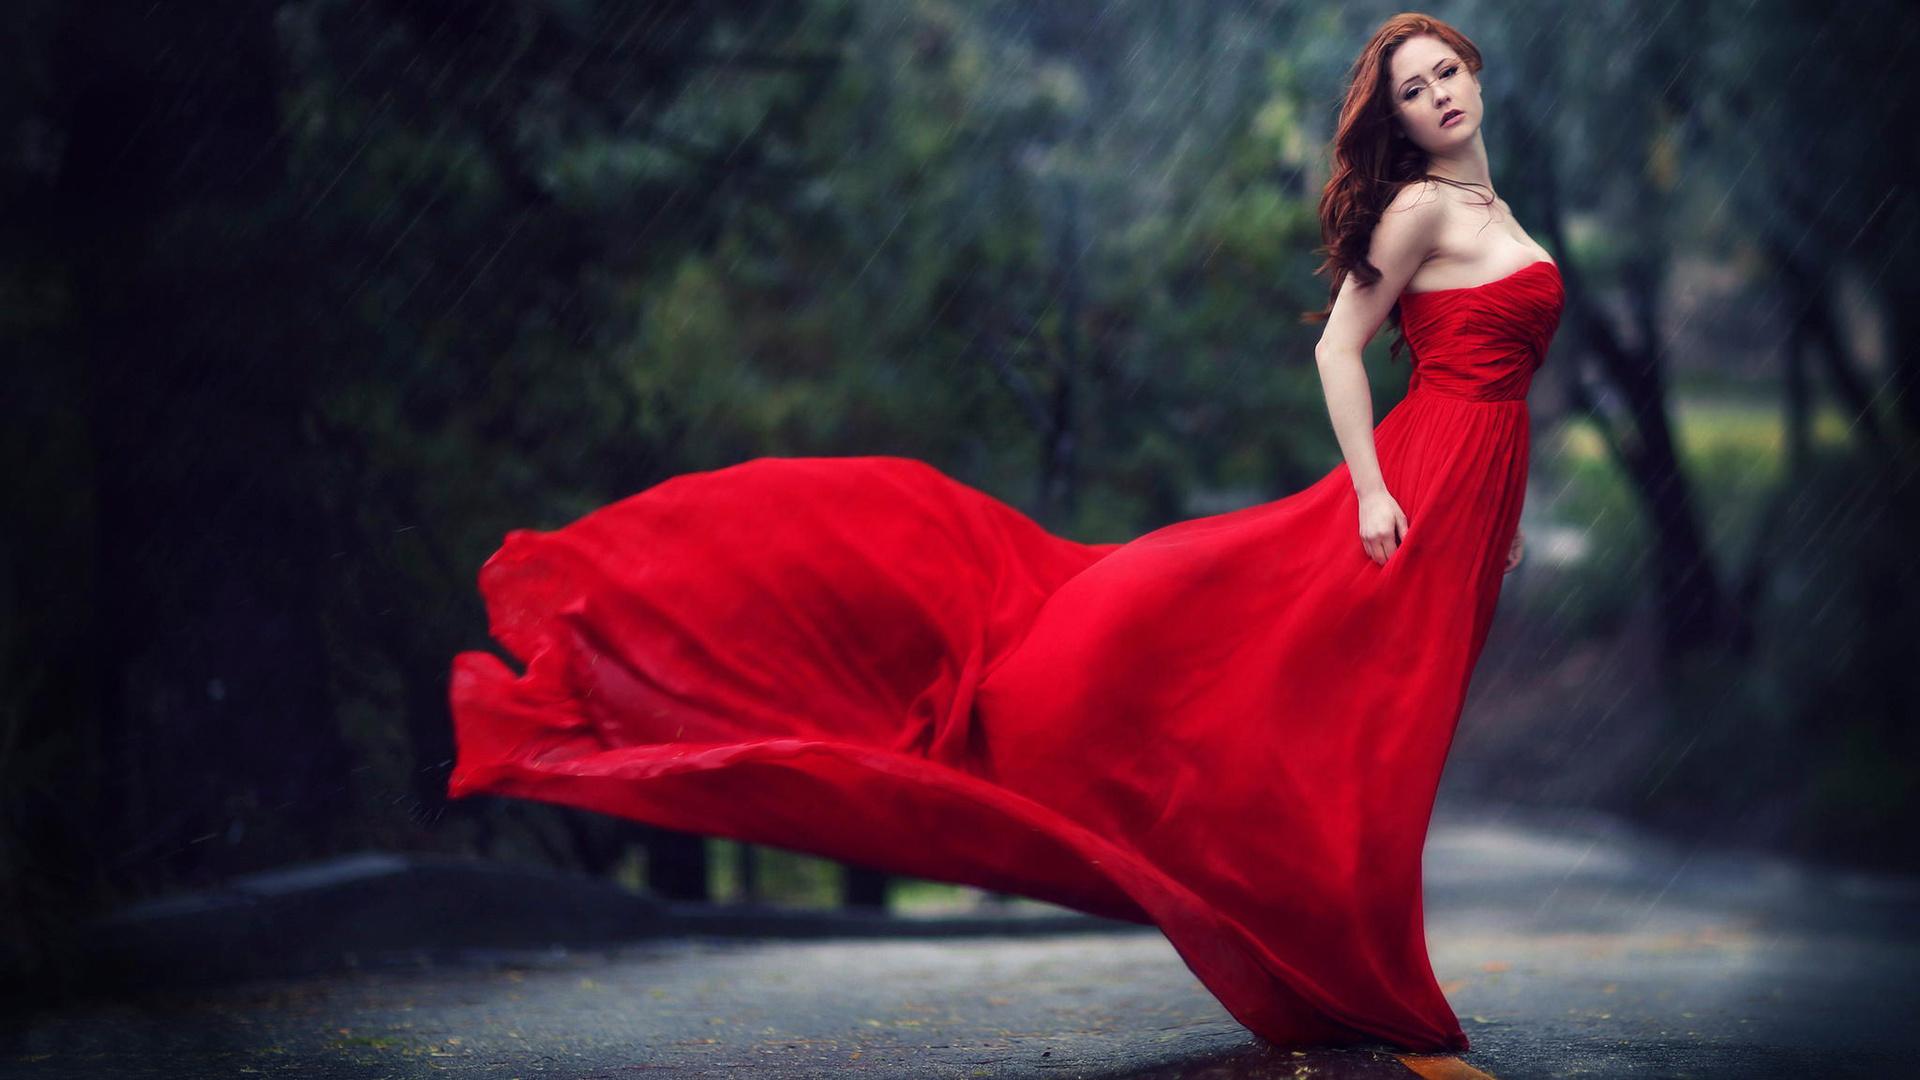 дождь, девушка в красном, капли